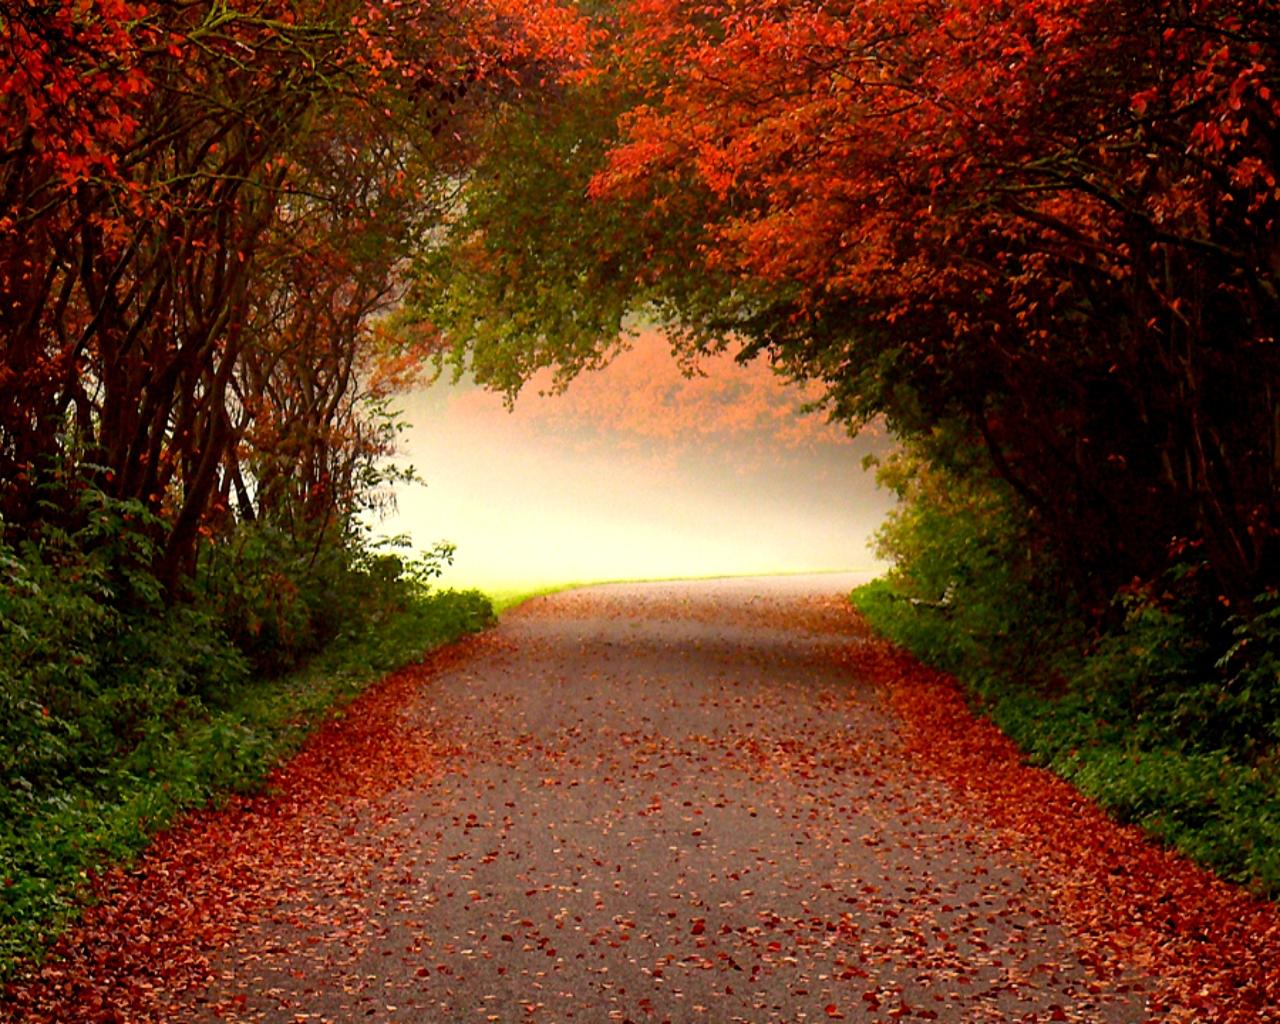 Fall Desktop Backgrounds wallpaper wallpaper hd background 1280x1024